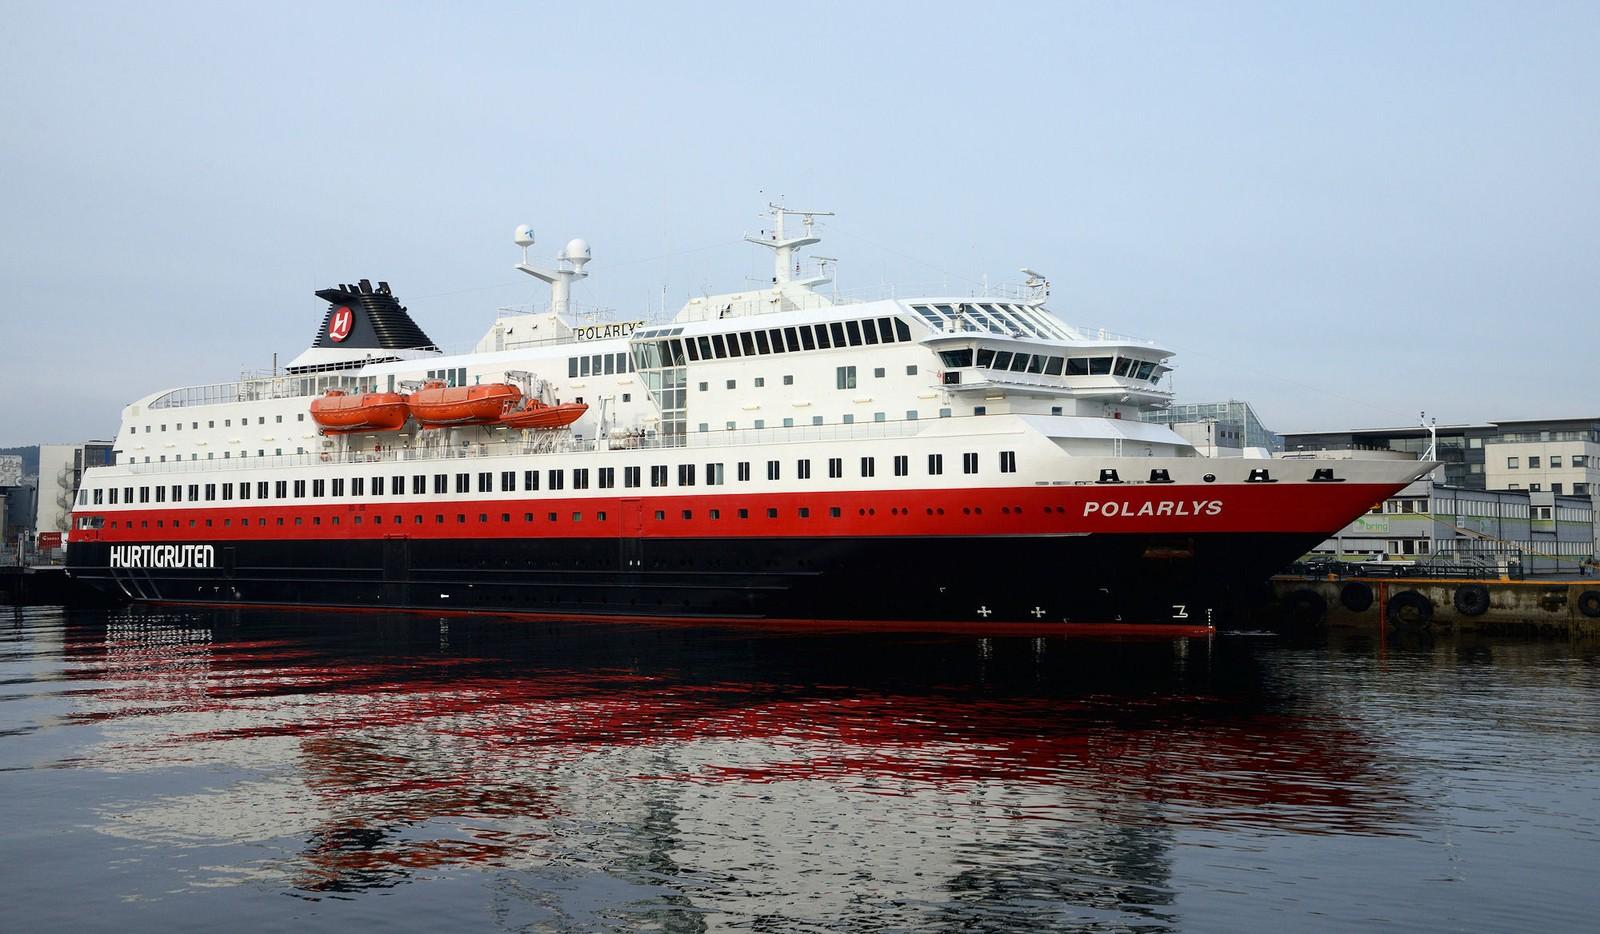 Hurtigruteskipet Polarlys ved kai i Trondheim